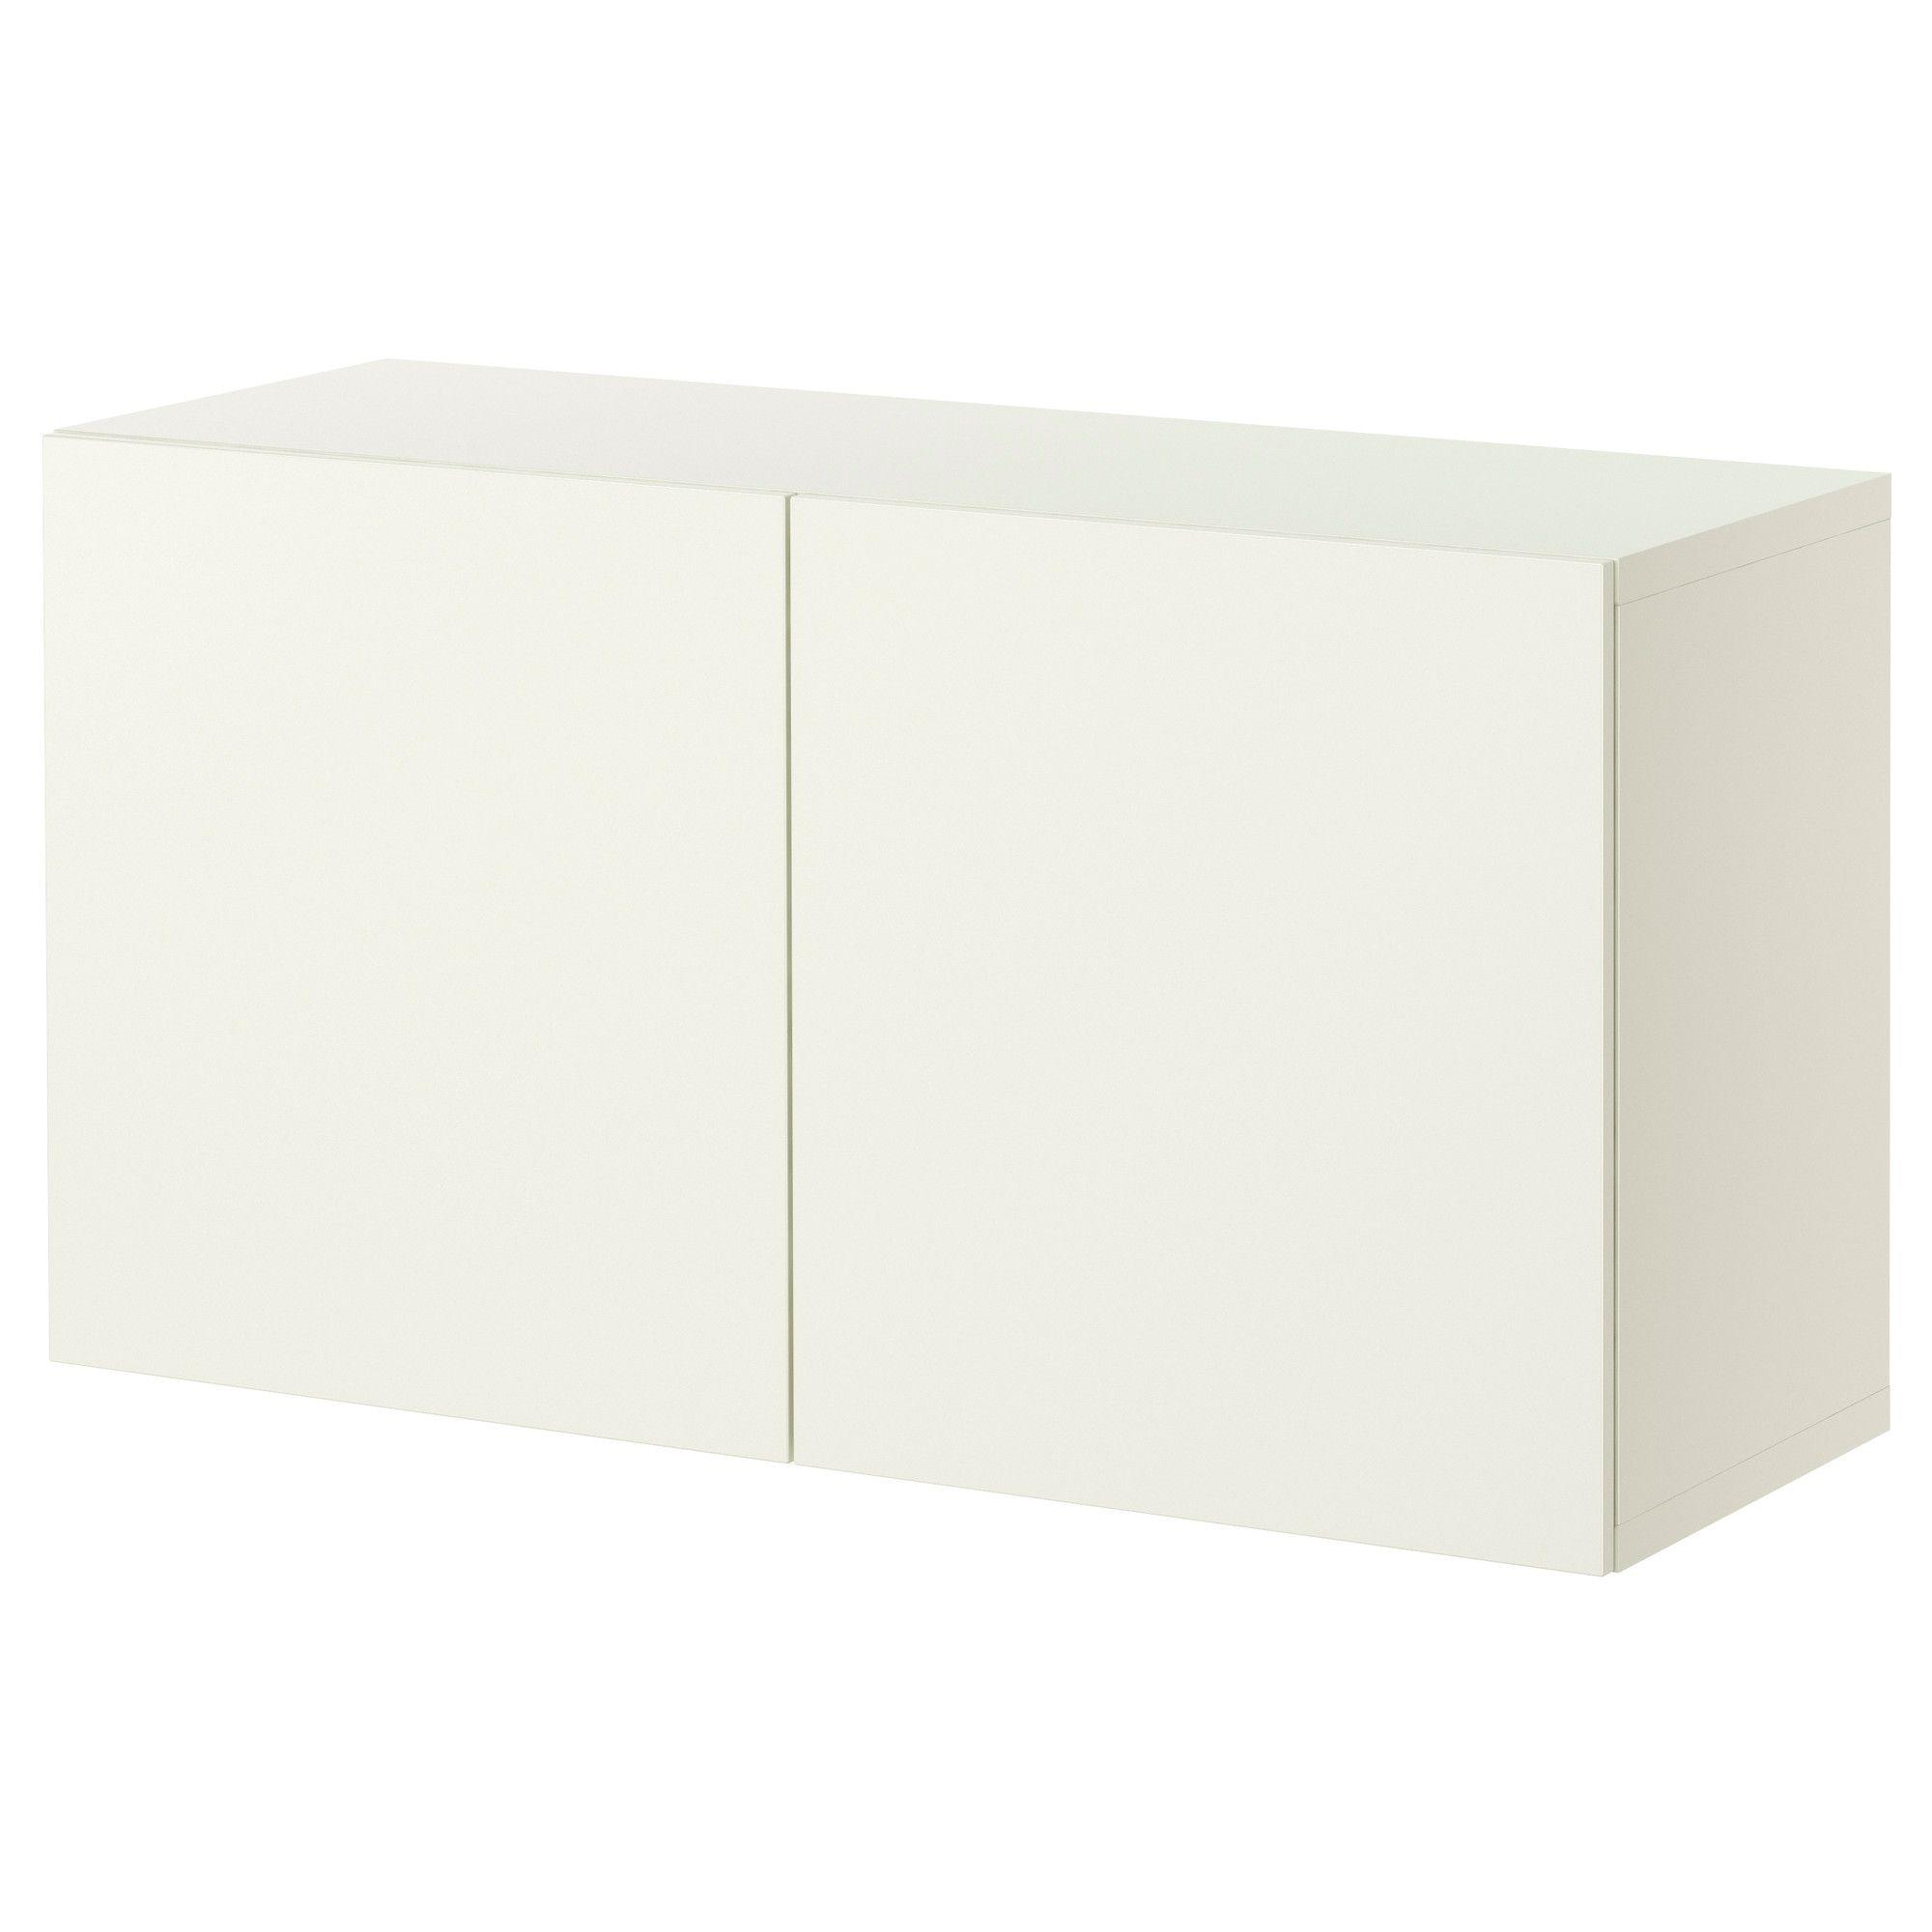 best shelf unit with glass doors sindvik black brown shelves doors and ikea storage. Black Bedroom Furniture Sets. Home Design Ideas